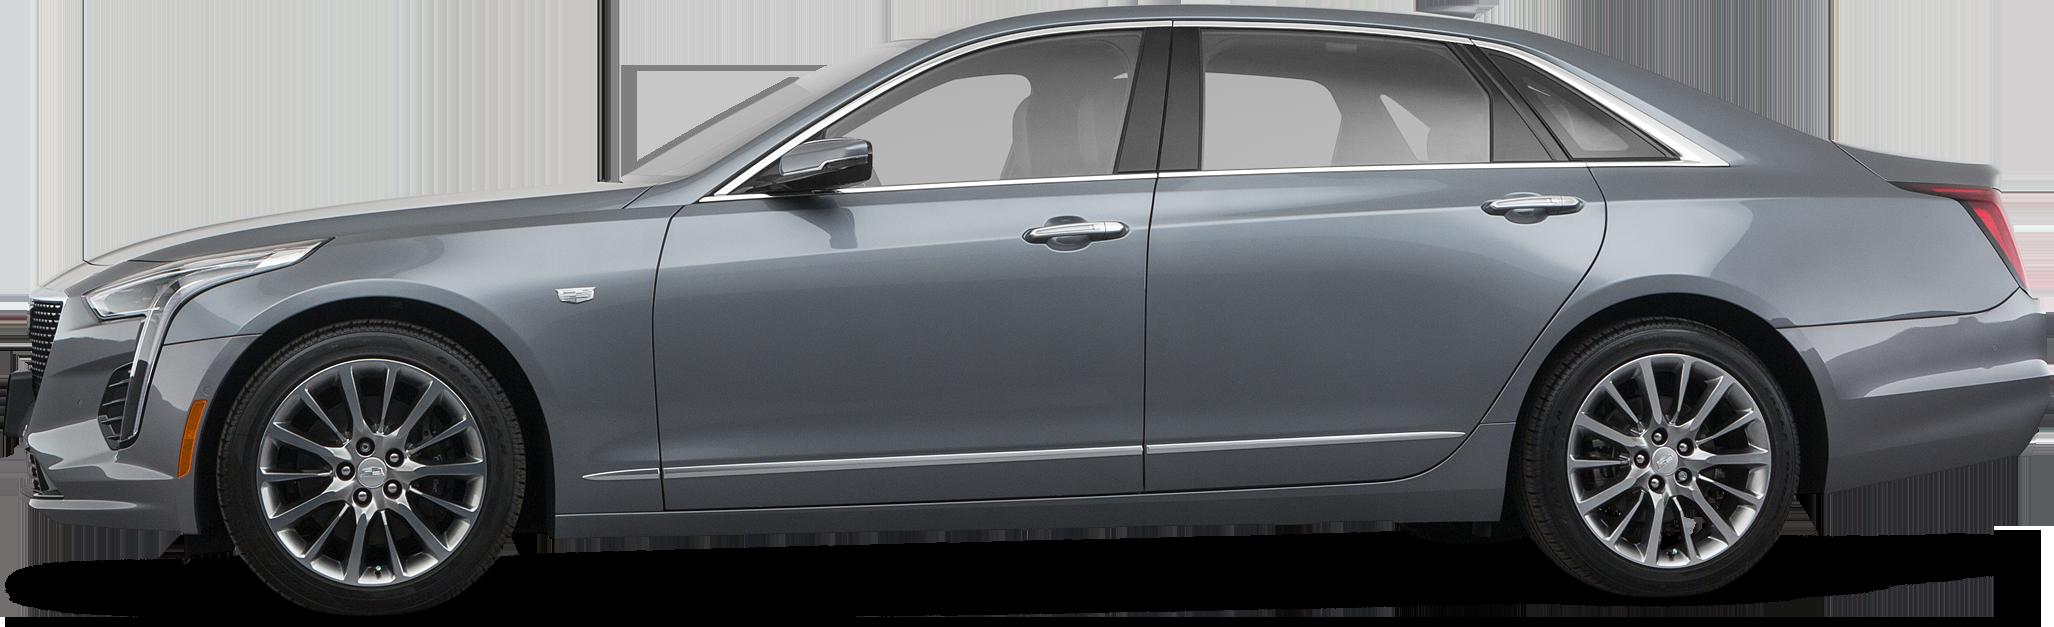 2019 CADILLAC CT6 Sedan 3.6L Premium Luxury